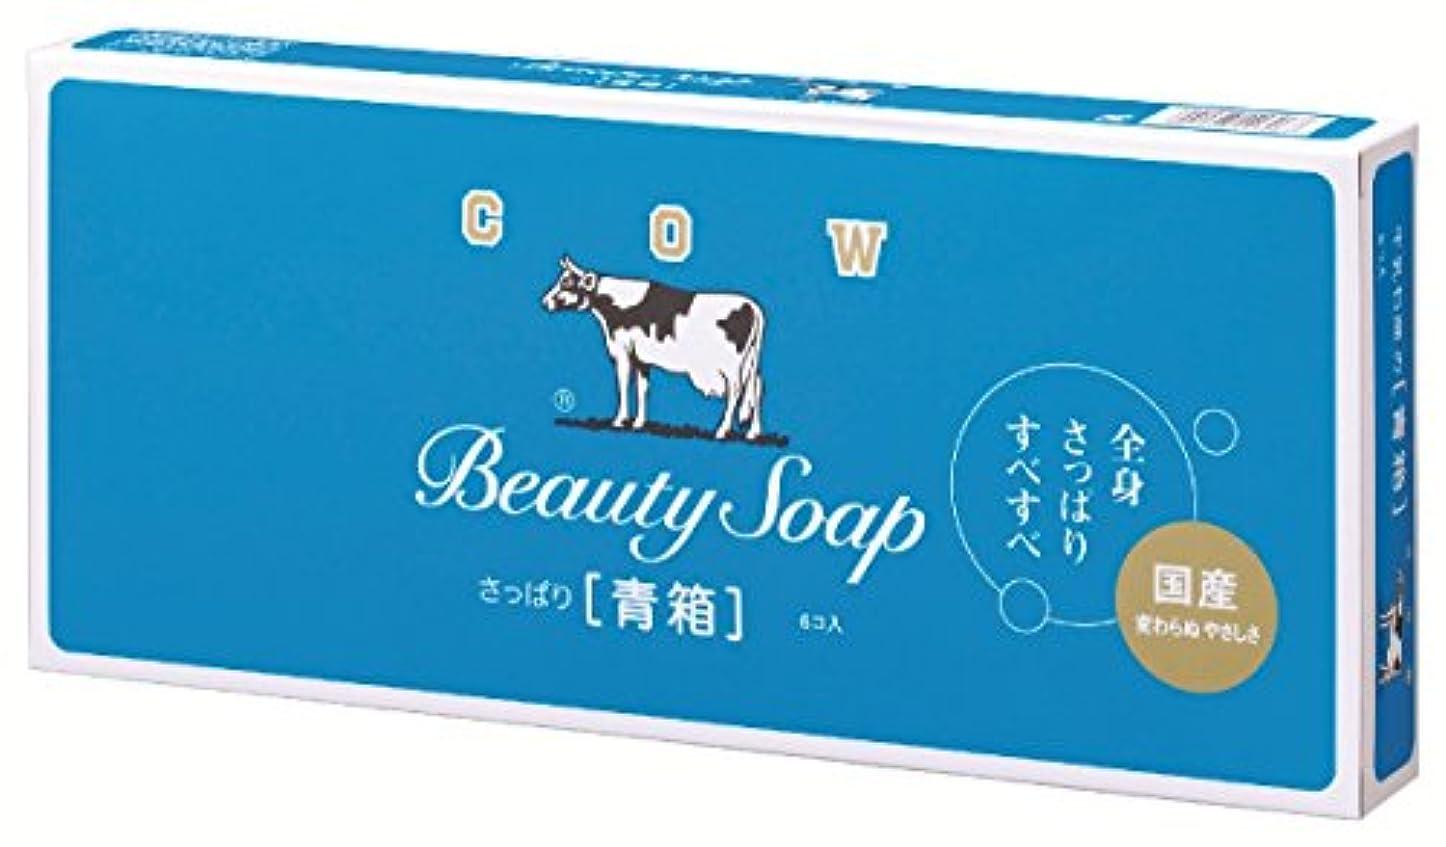 自動的に間に合わせ十分ですカウブランド石鹸 青箱 85g 6個